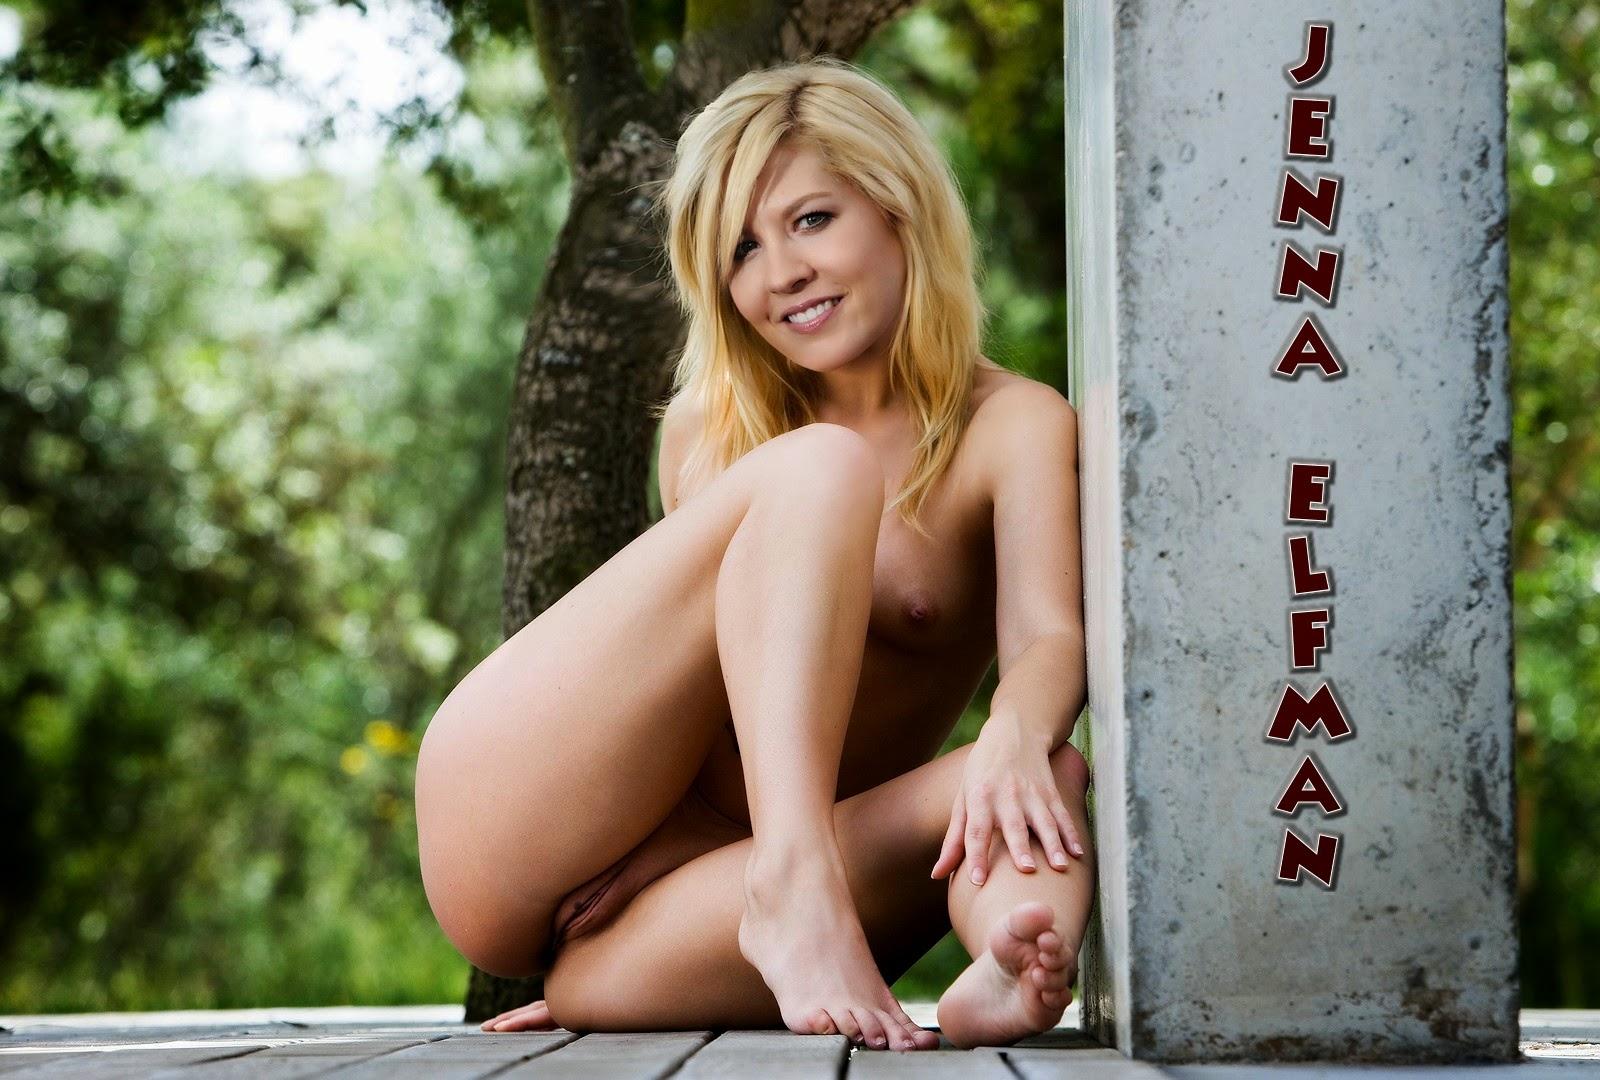 Nackt Bilder : Jenna Elfman Naked Photos   nackter arsch.com